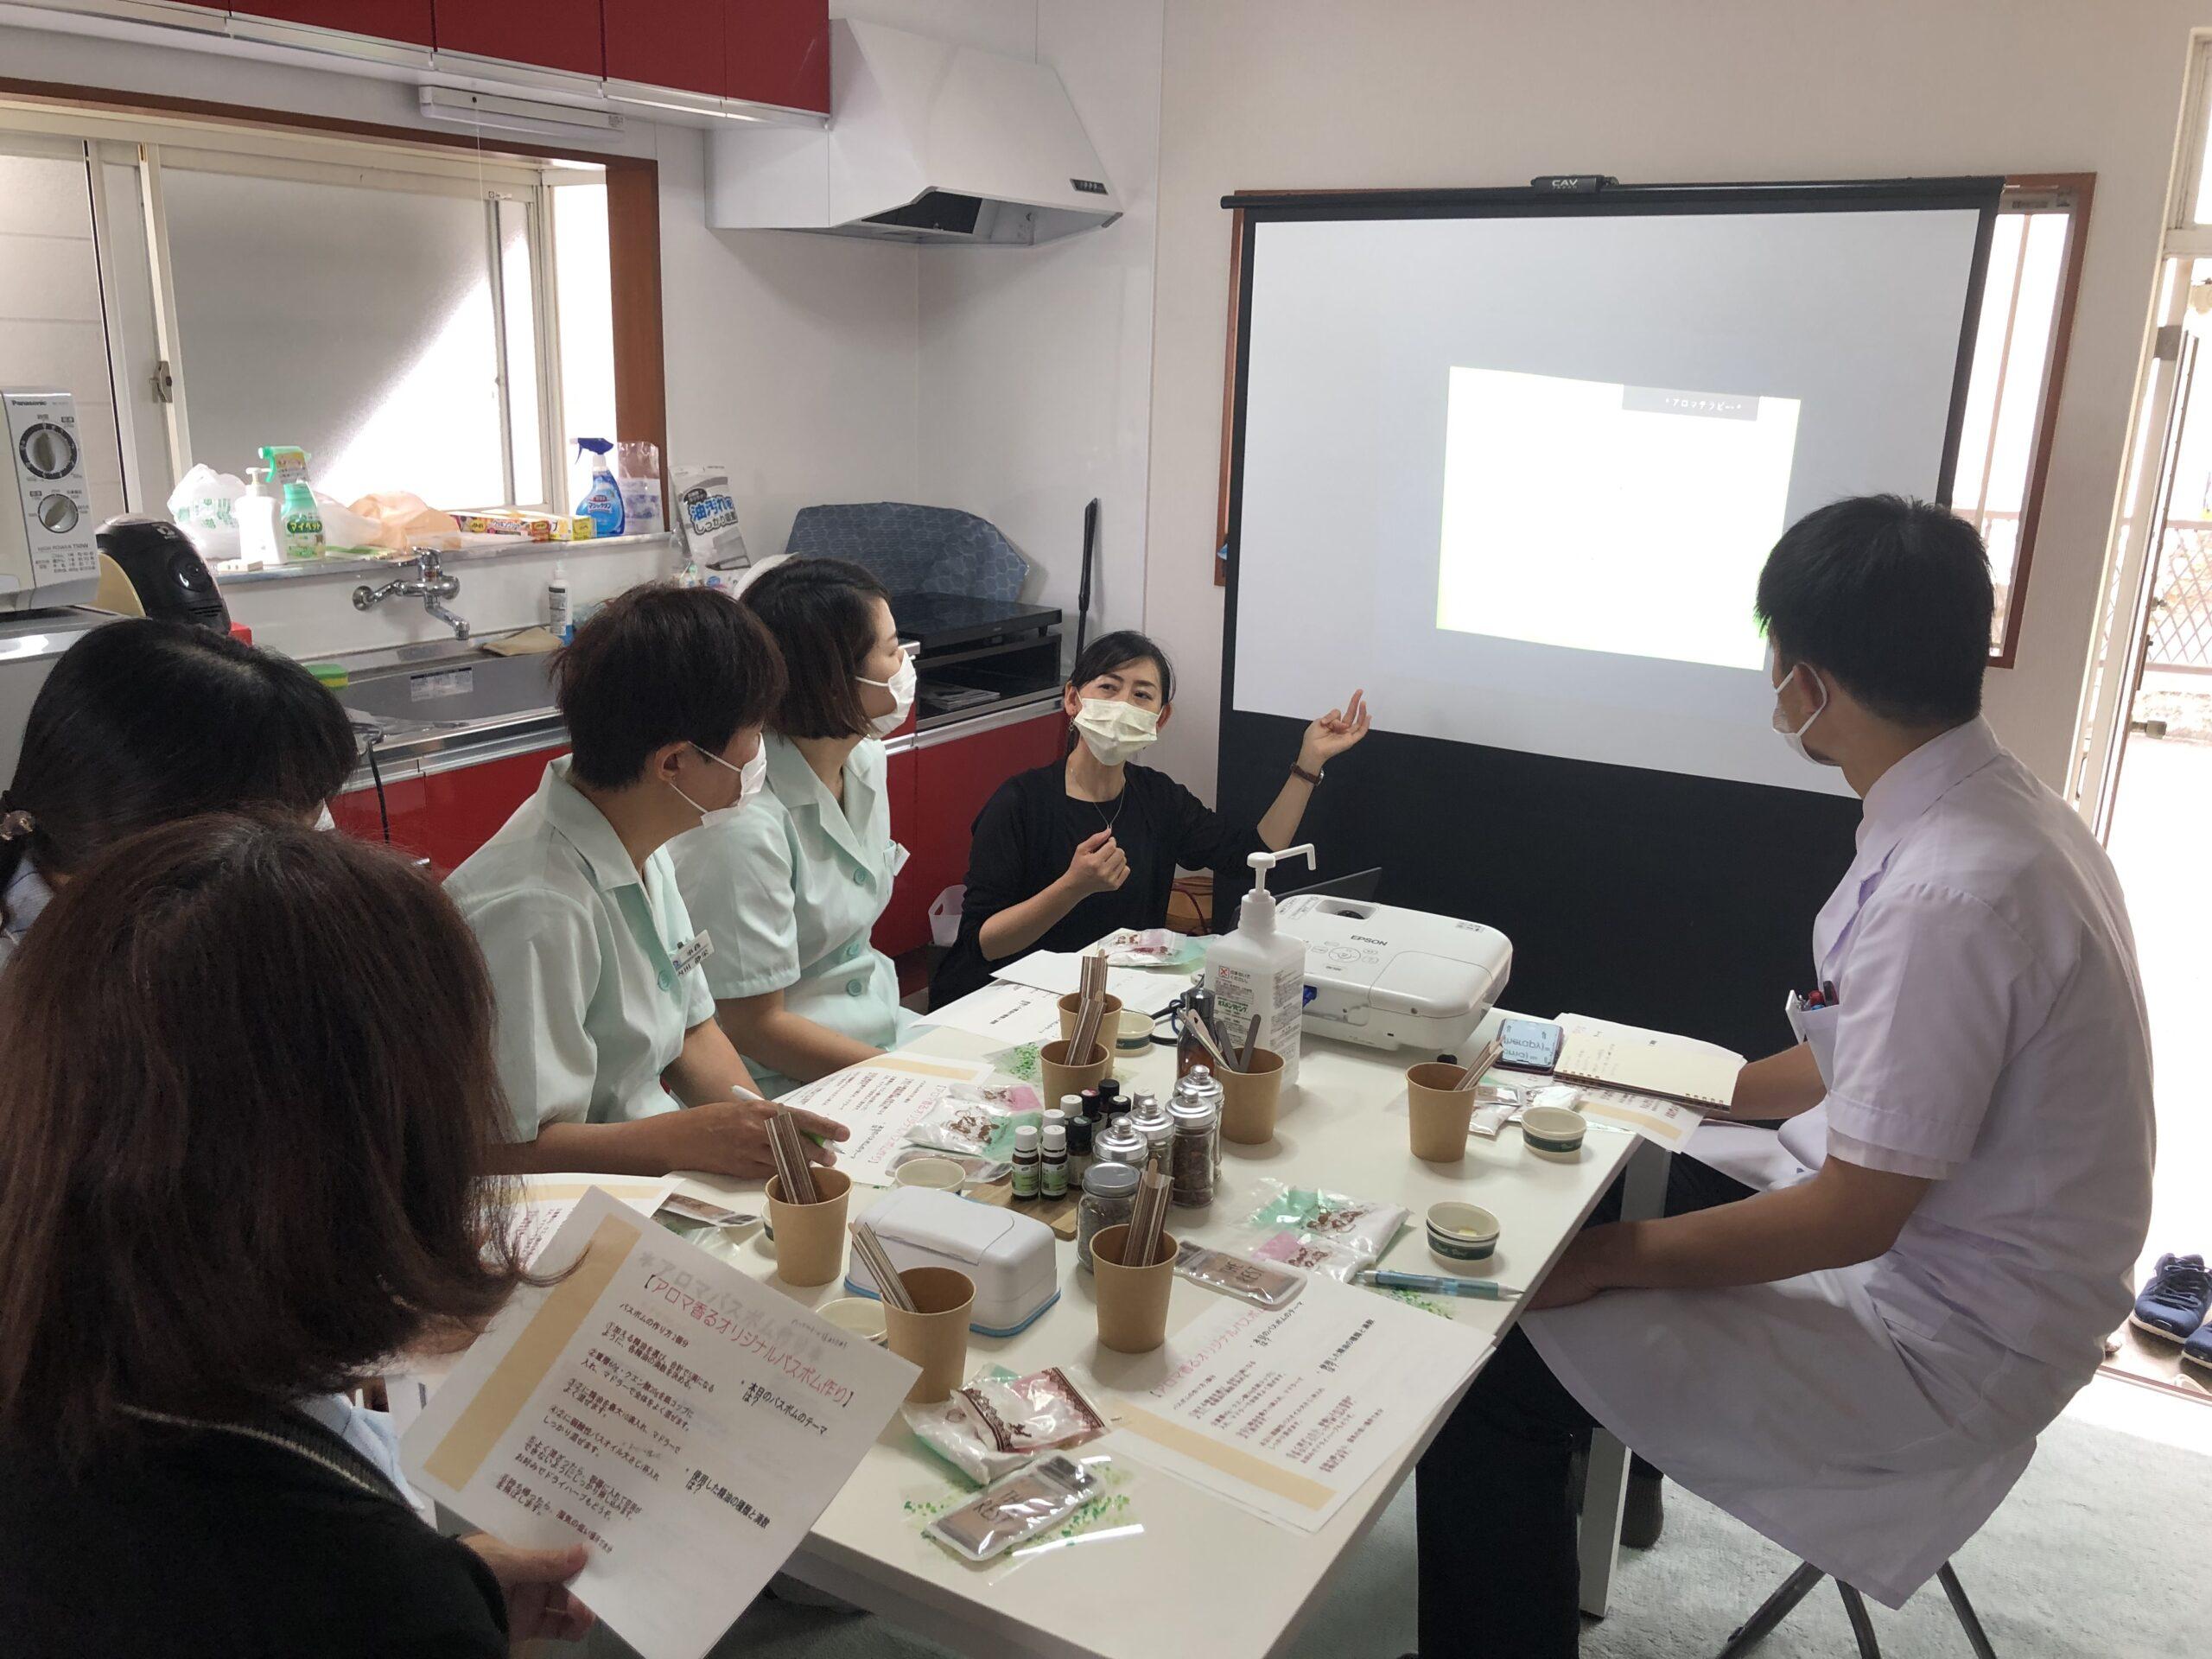 2年目薬剤師マルの徒然日誌 ~アロマのバスボム作り講習会~